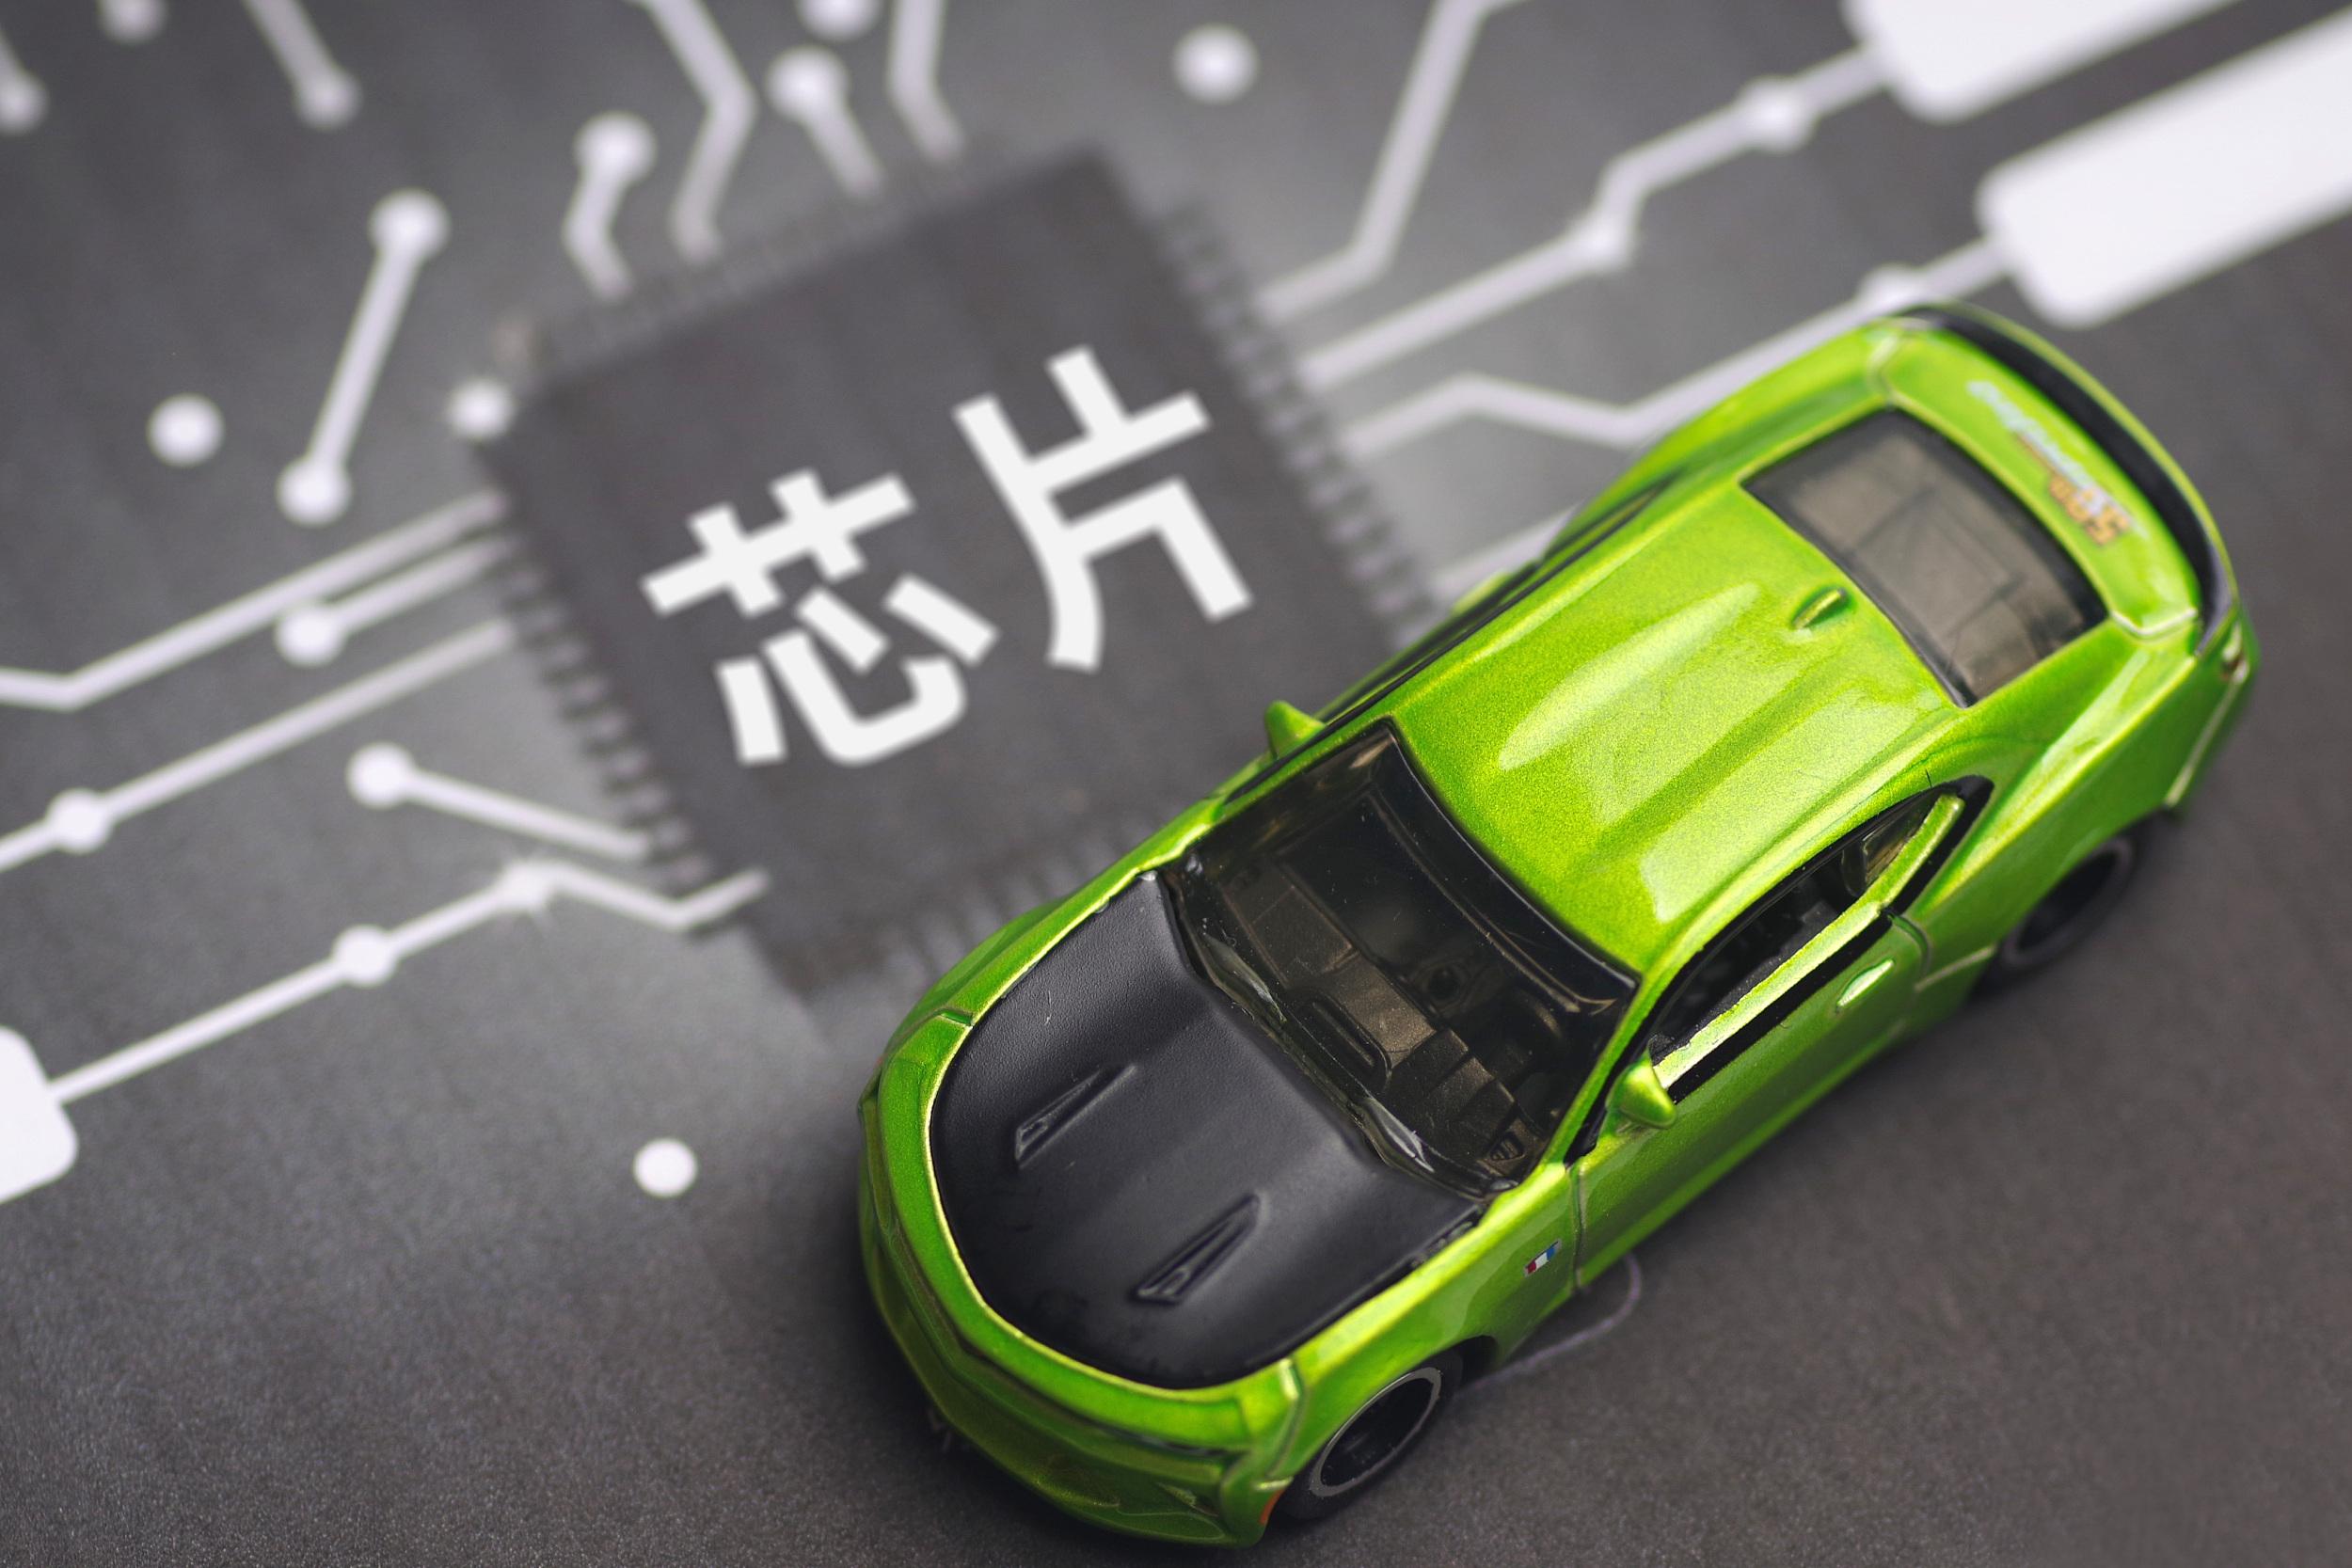 汽车 缺芯冲击下 吉利、上汽8月销量大幅下滑 但新能源车表现亮眼